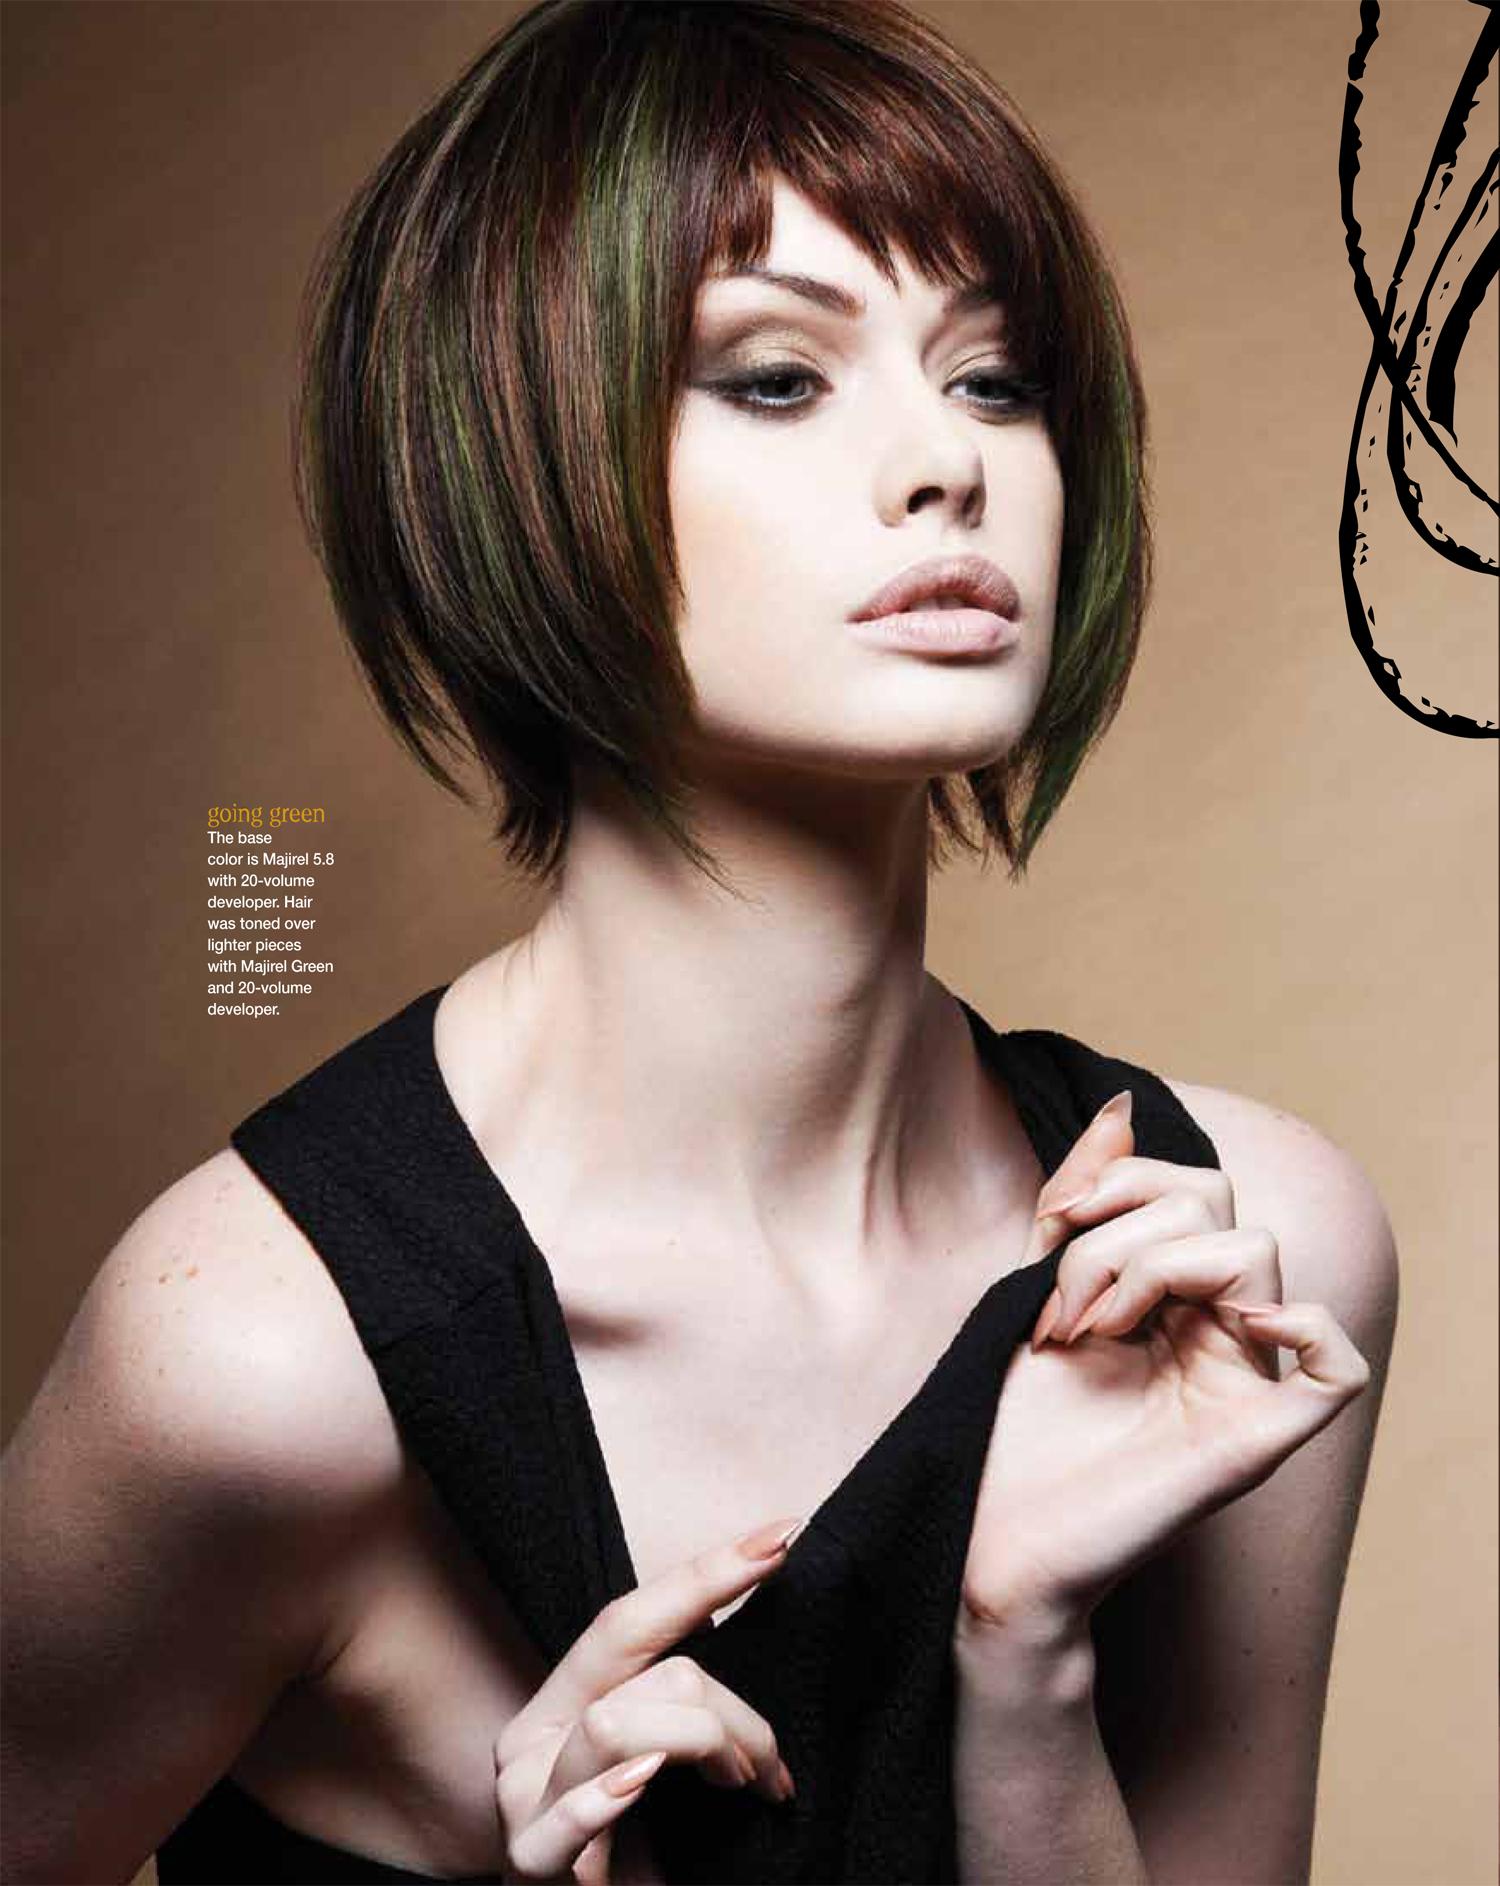 yoshikohair_stkilda_melbourne_hairdresser_hairsalon_thecolorist14_3